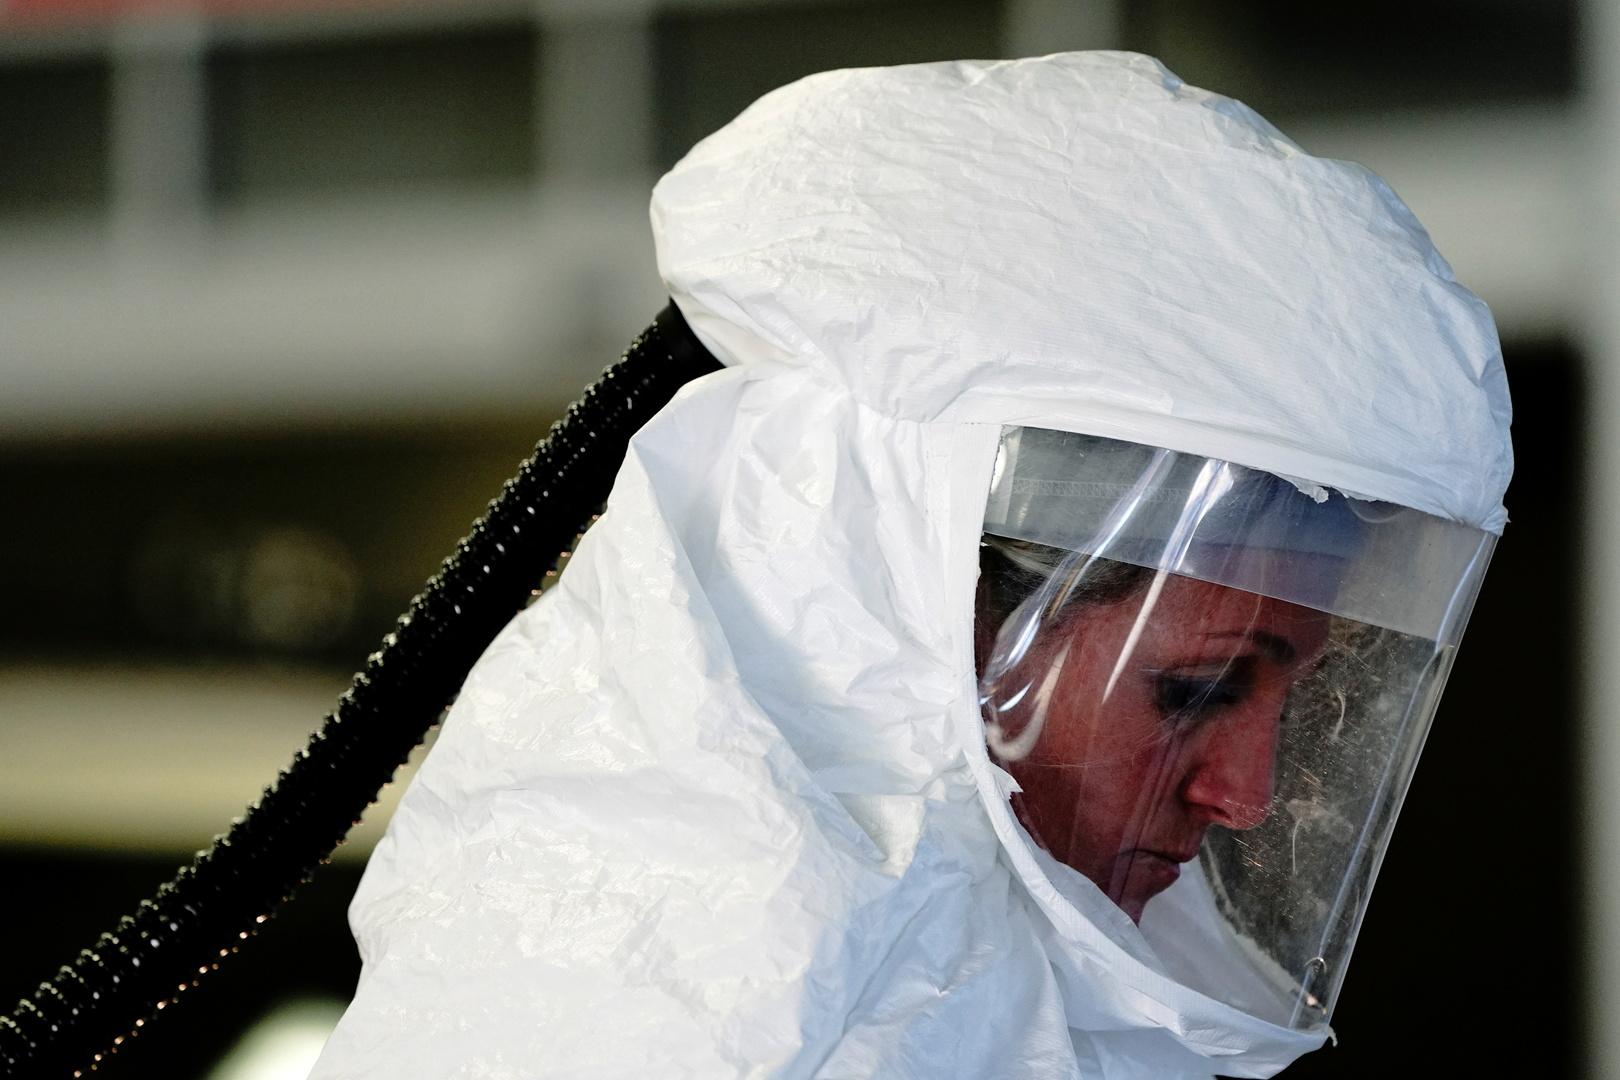 الولايات المتحدة تسجل أكثر من ألف وفاة و80 ألف إصابة جديدة بكورونا